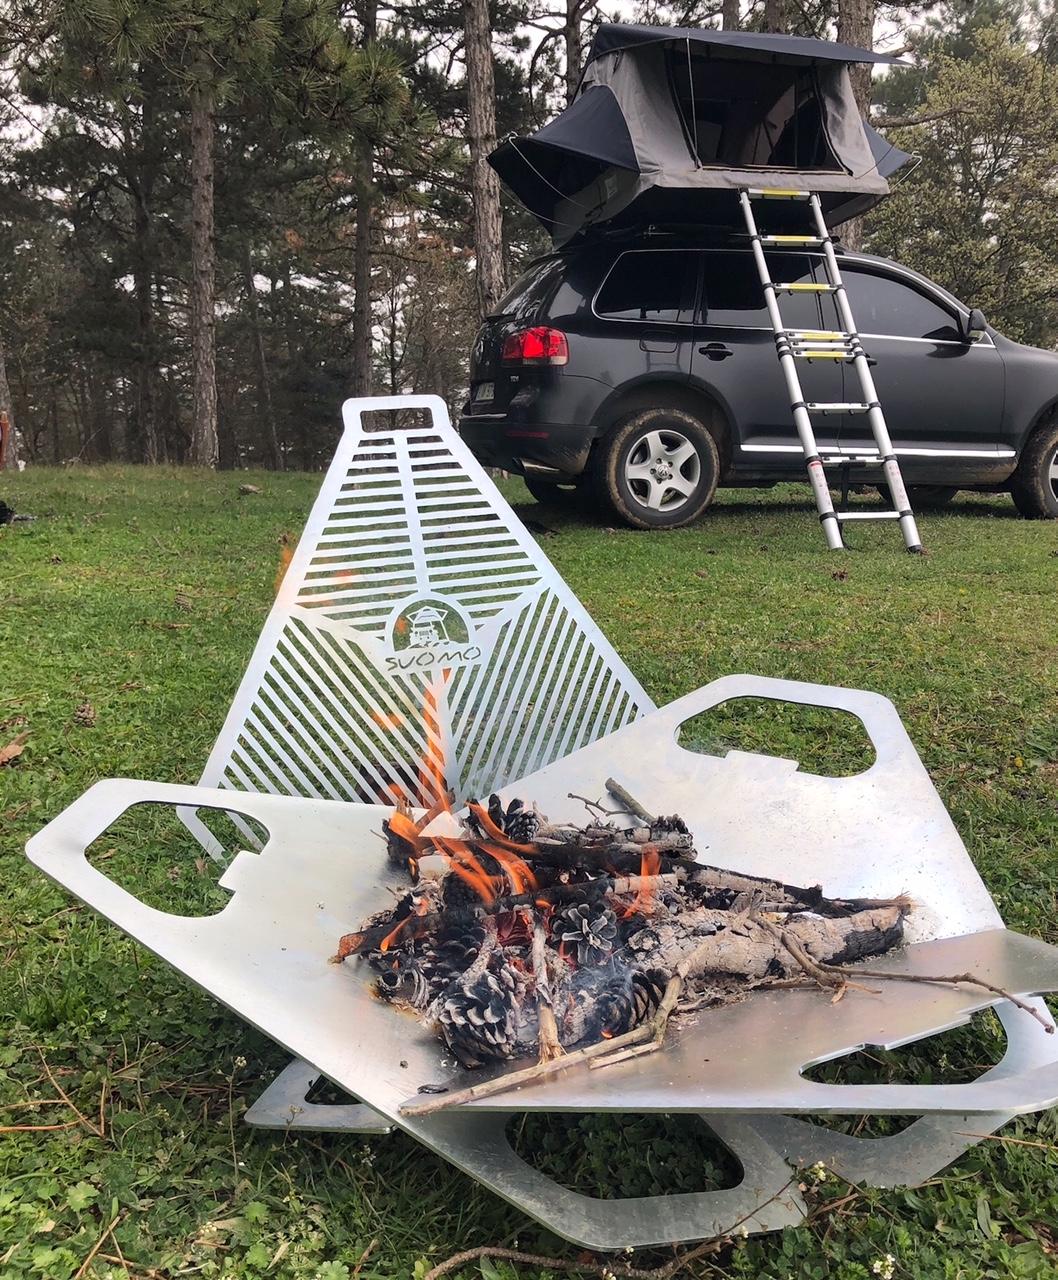 CampFire-Grill3.jpg